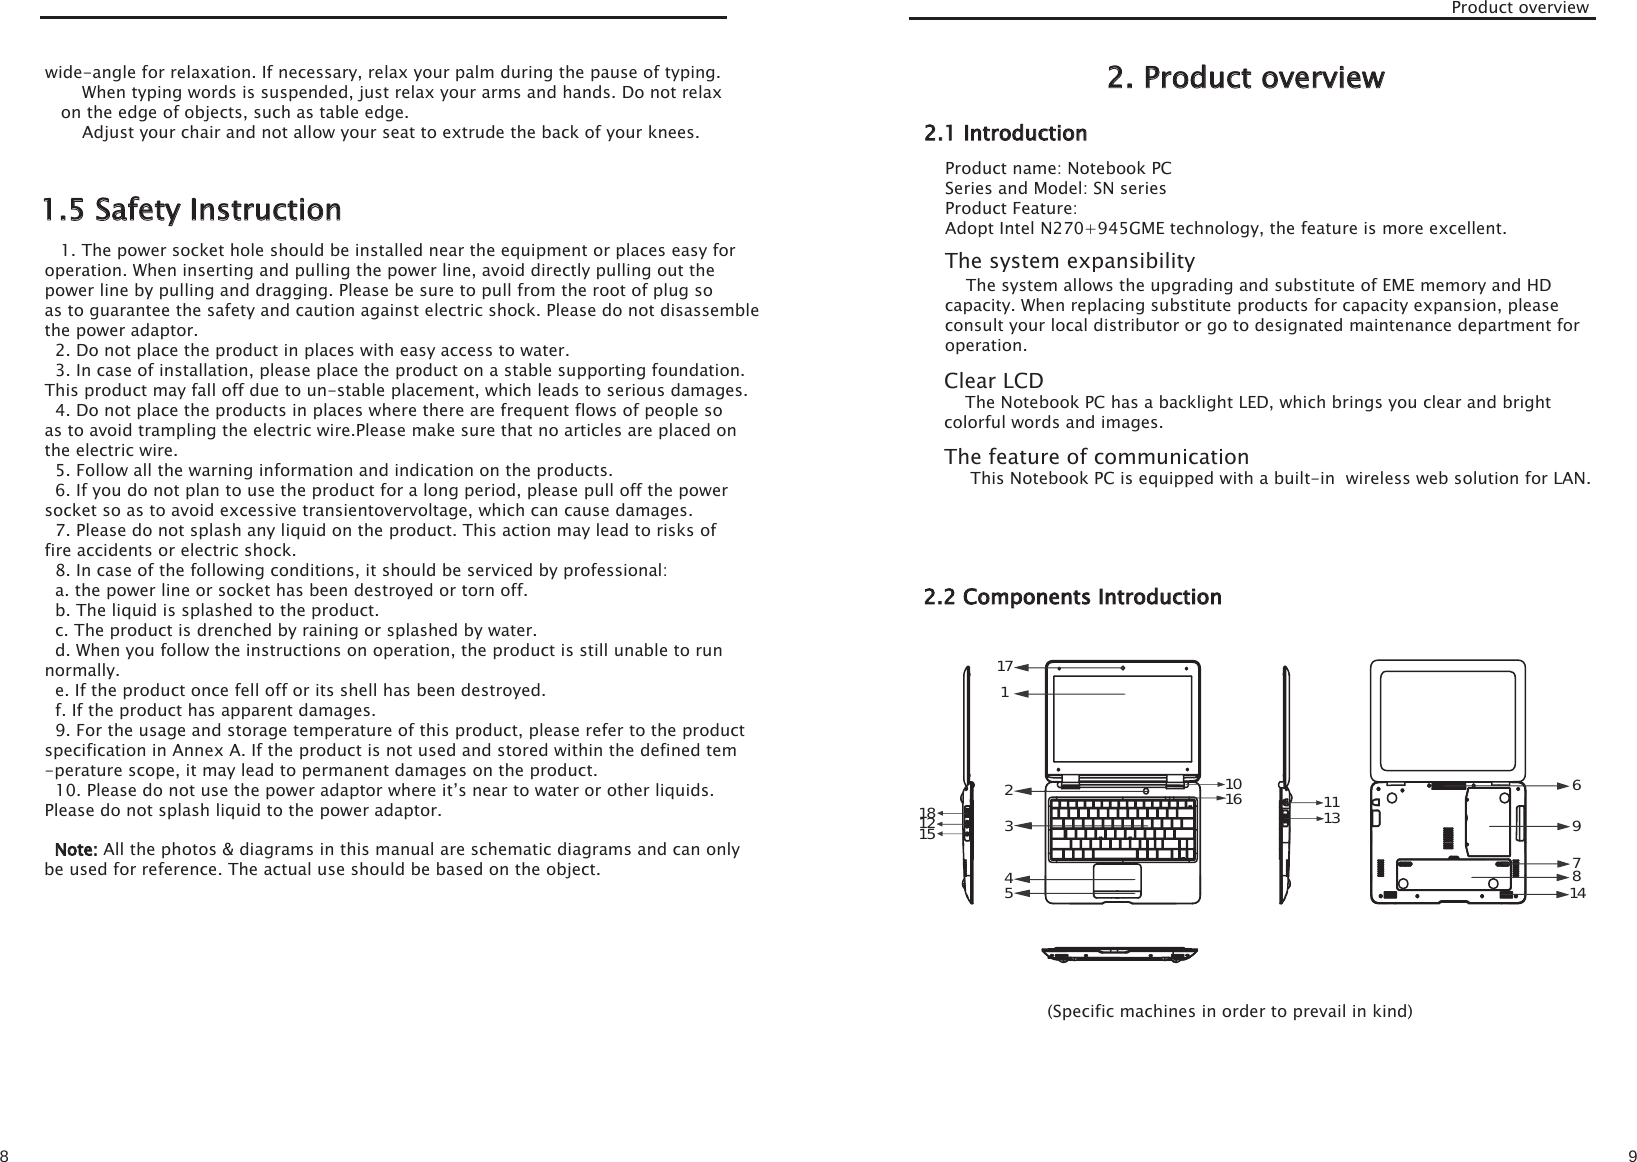 Merak Group Manual Guide